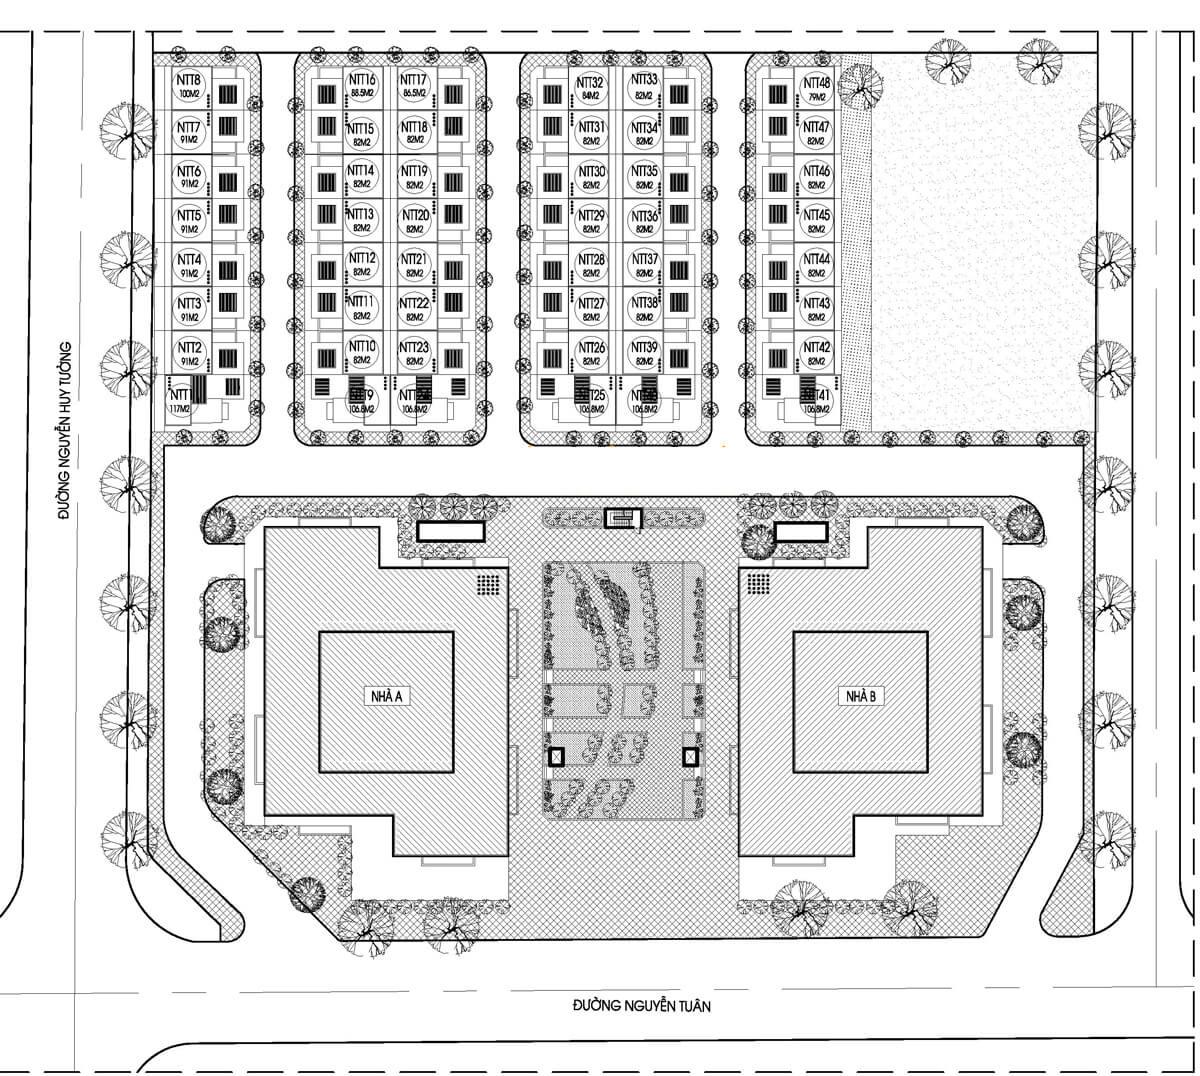 Mặt bằng tổng thể dự án Thống Nhất Complex 82 Nguyễn Tuân